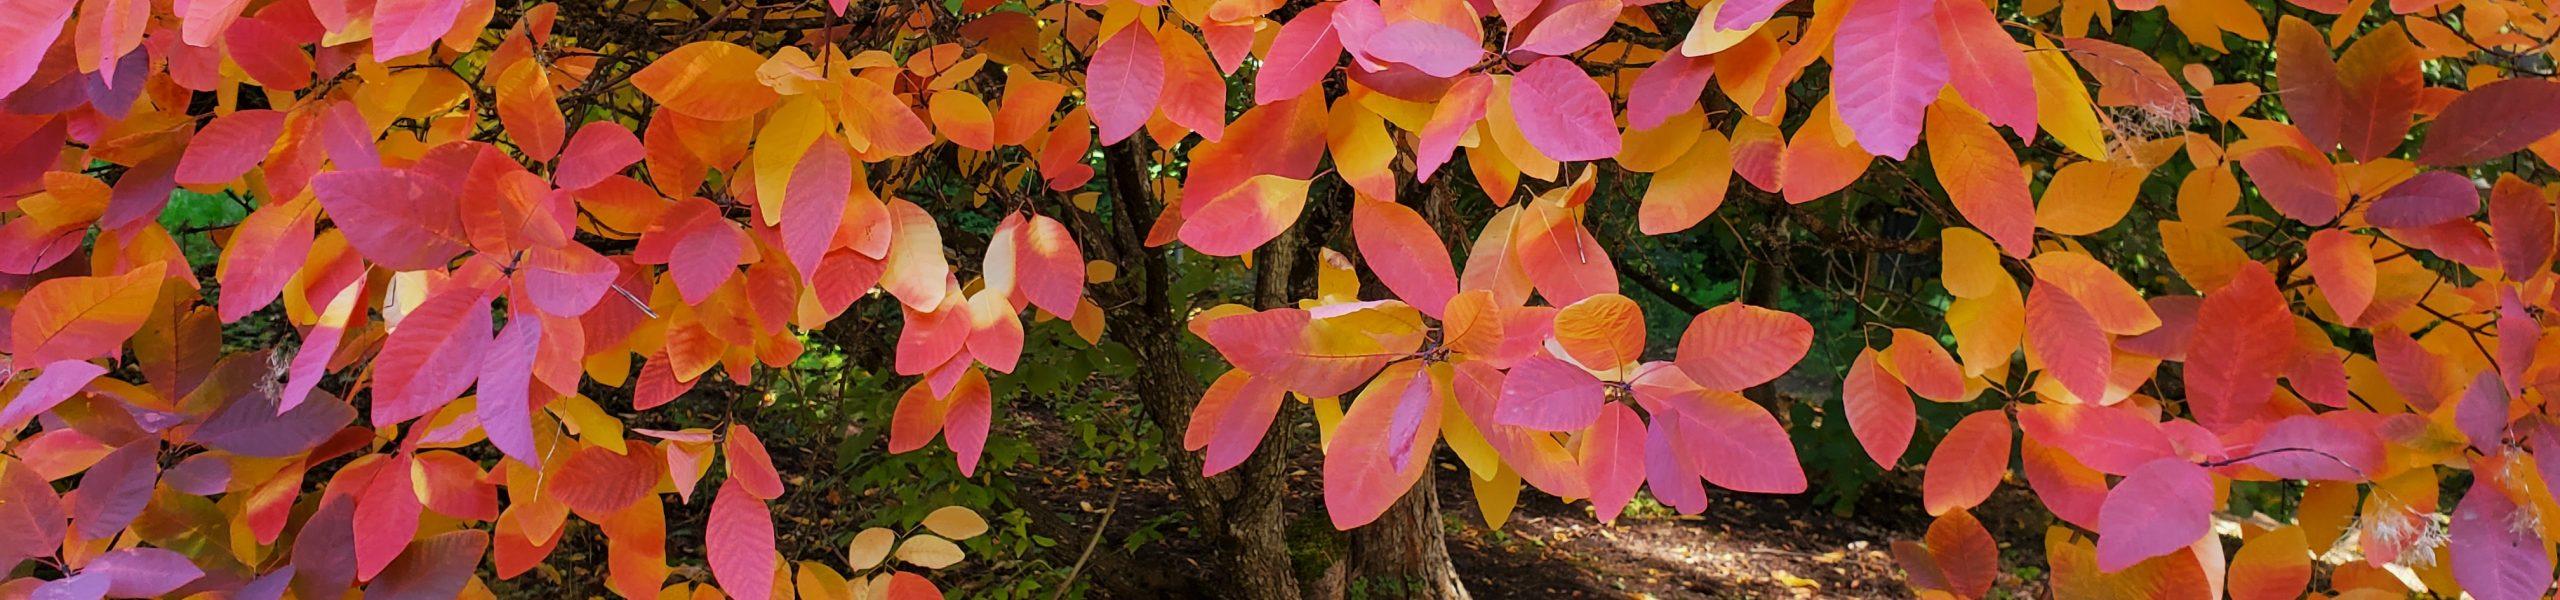 October Highlights